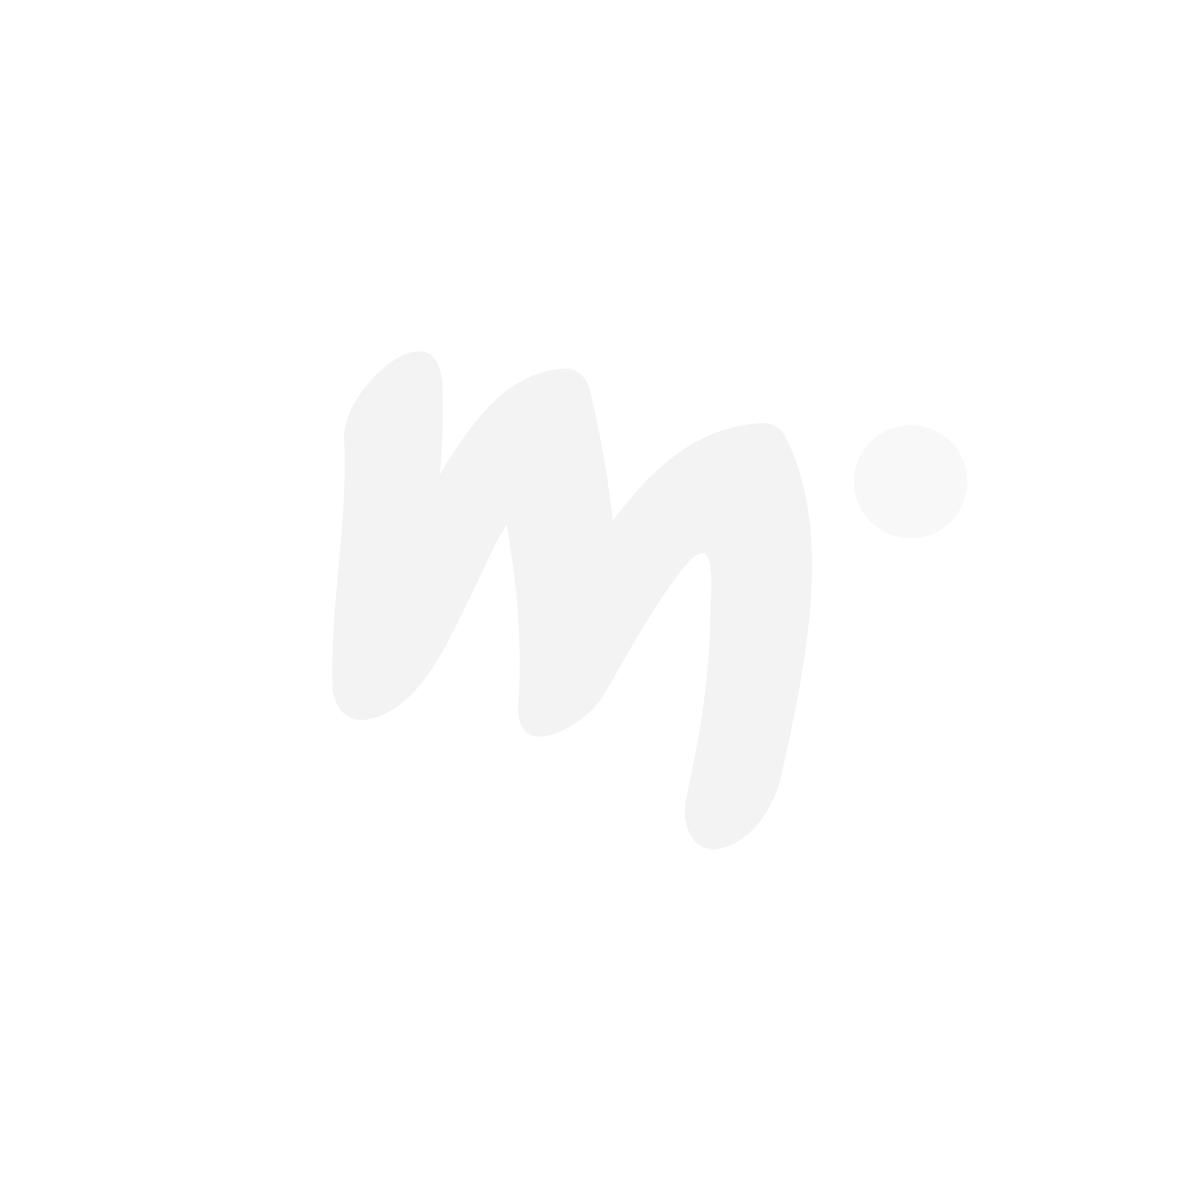 Muumi Moominvalley Muumi -paita tiili